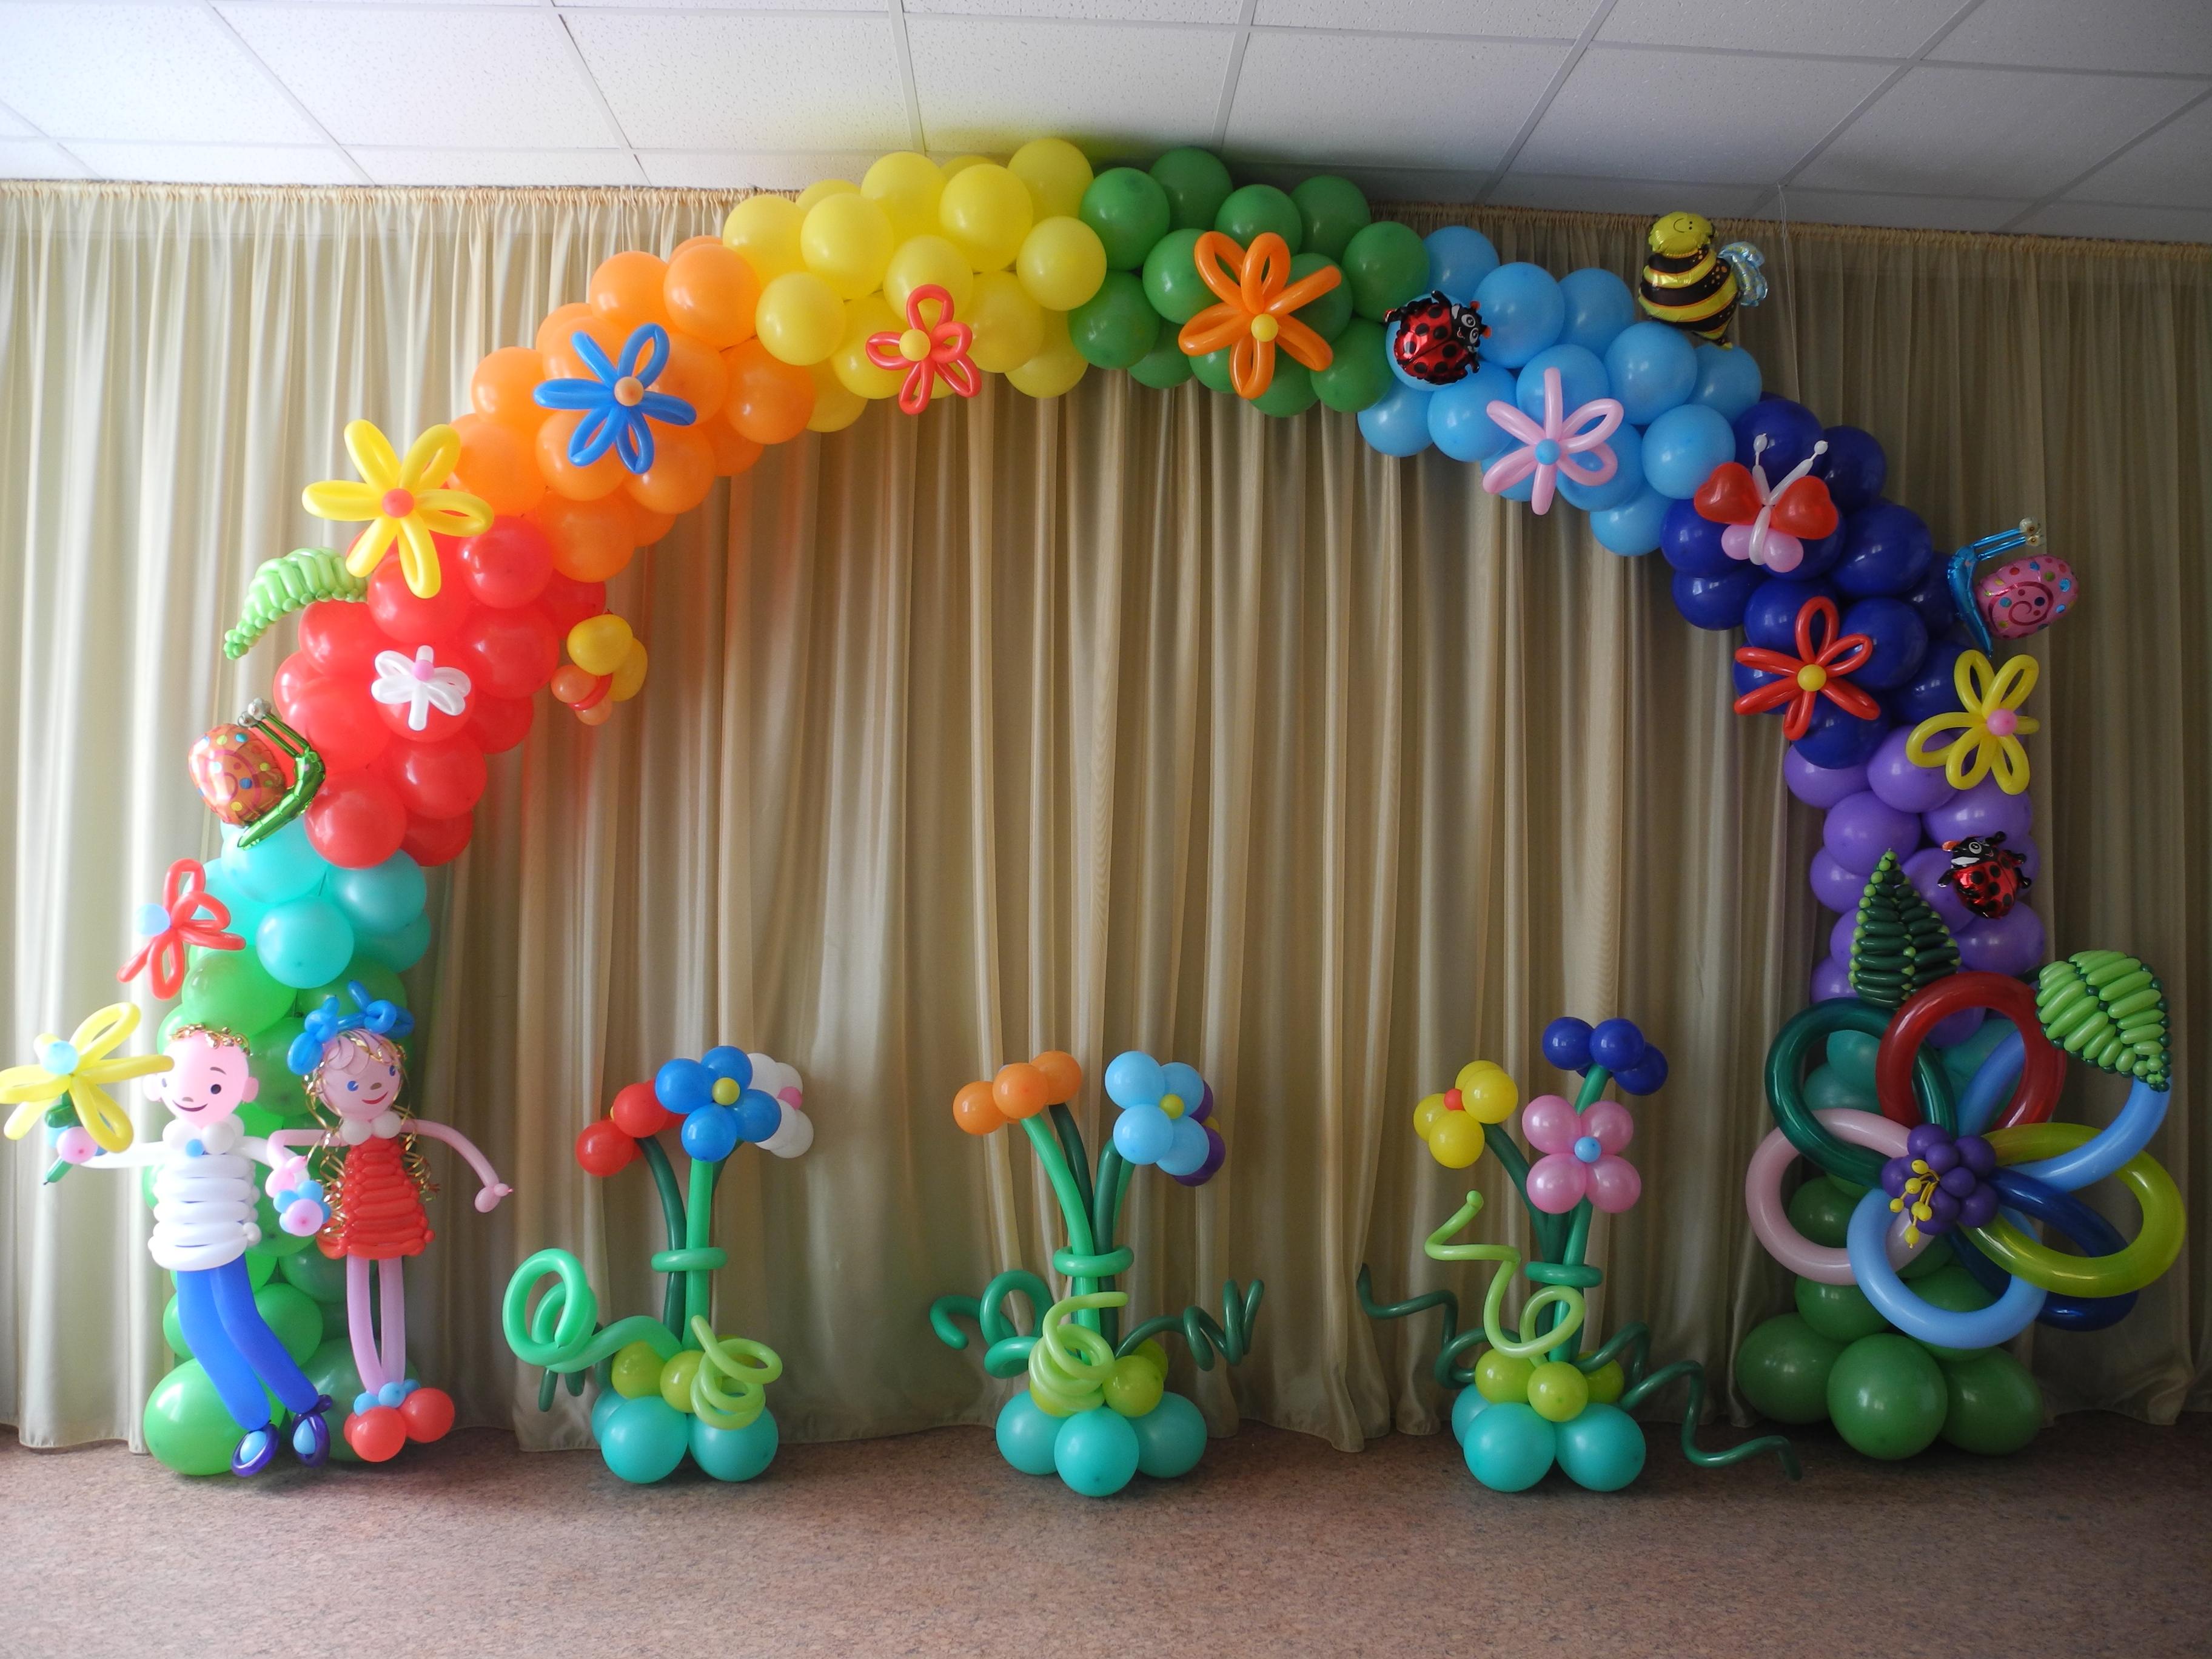 Использование надувных шаров на праздники